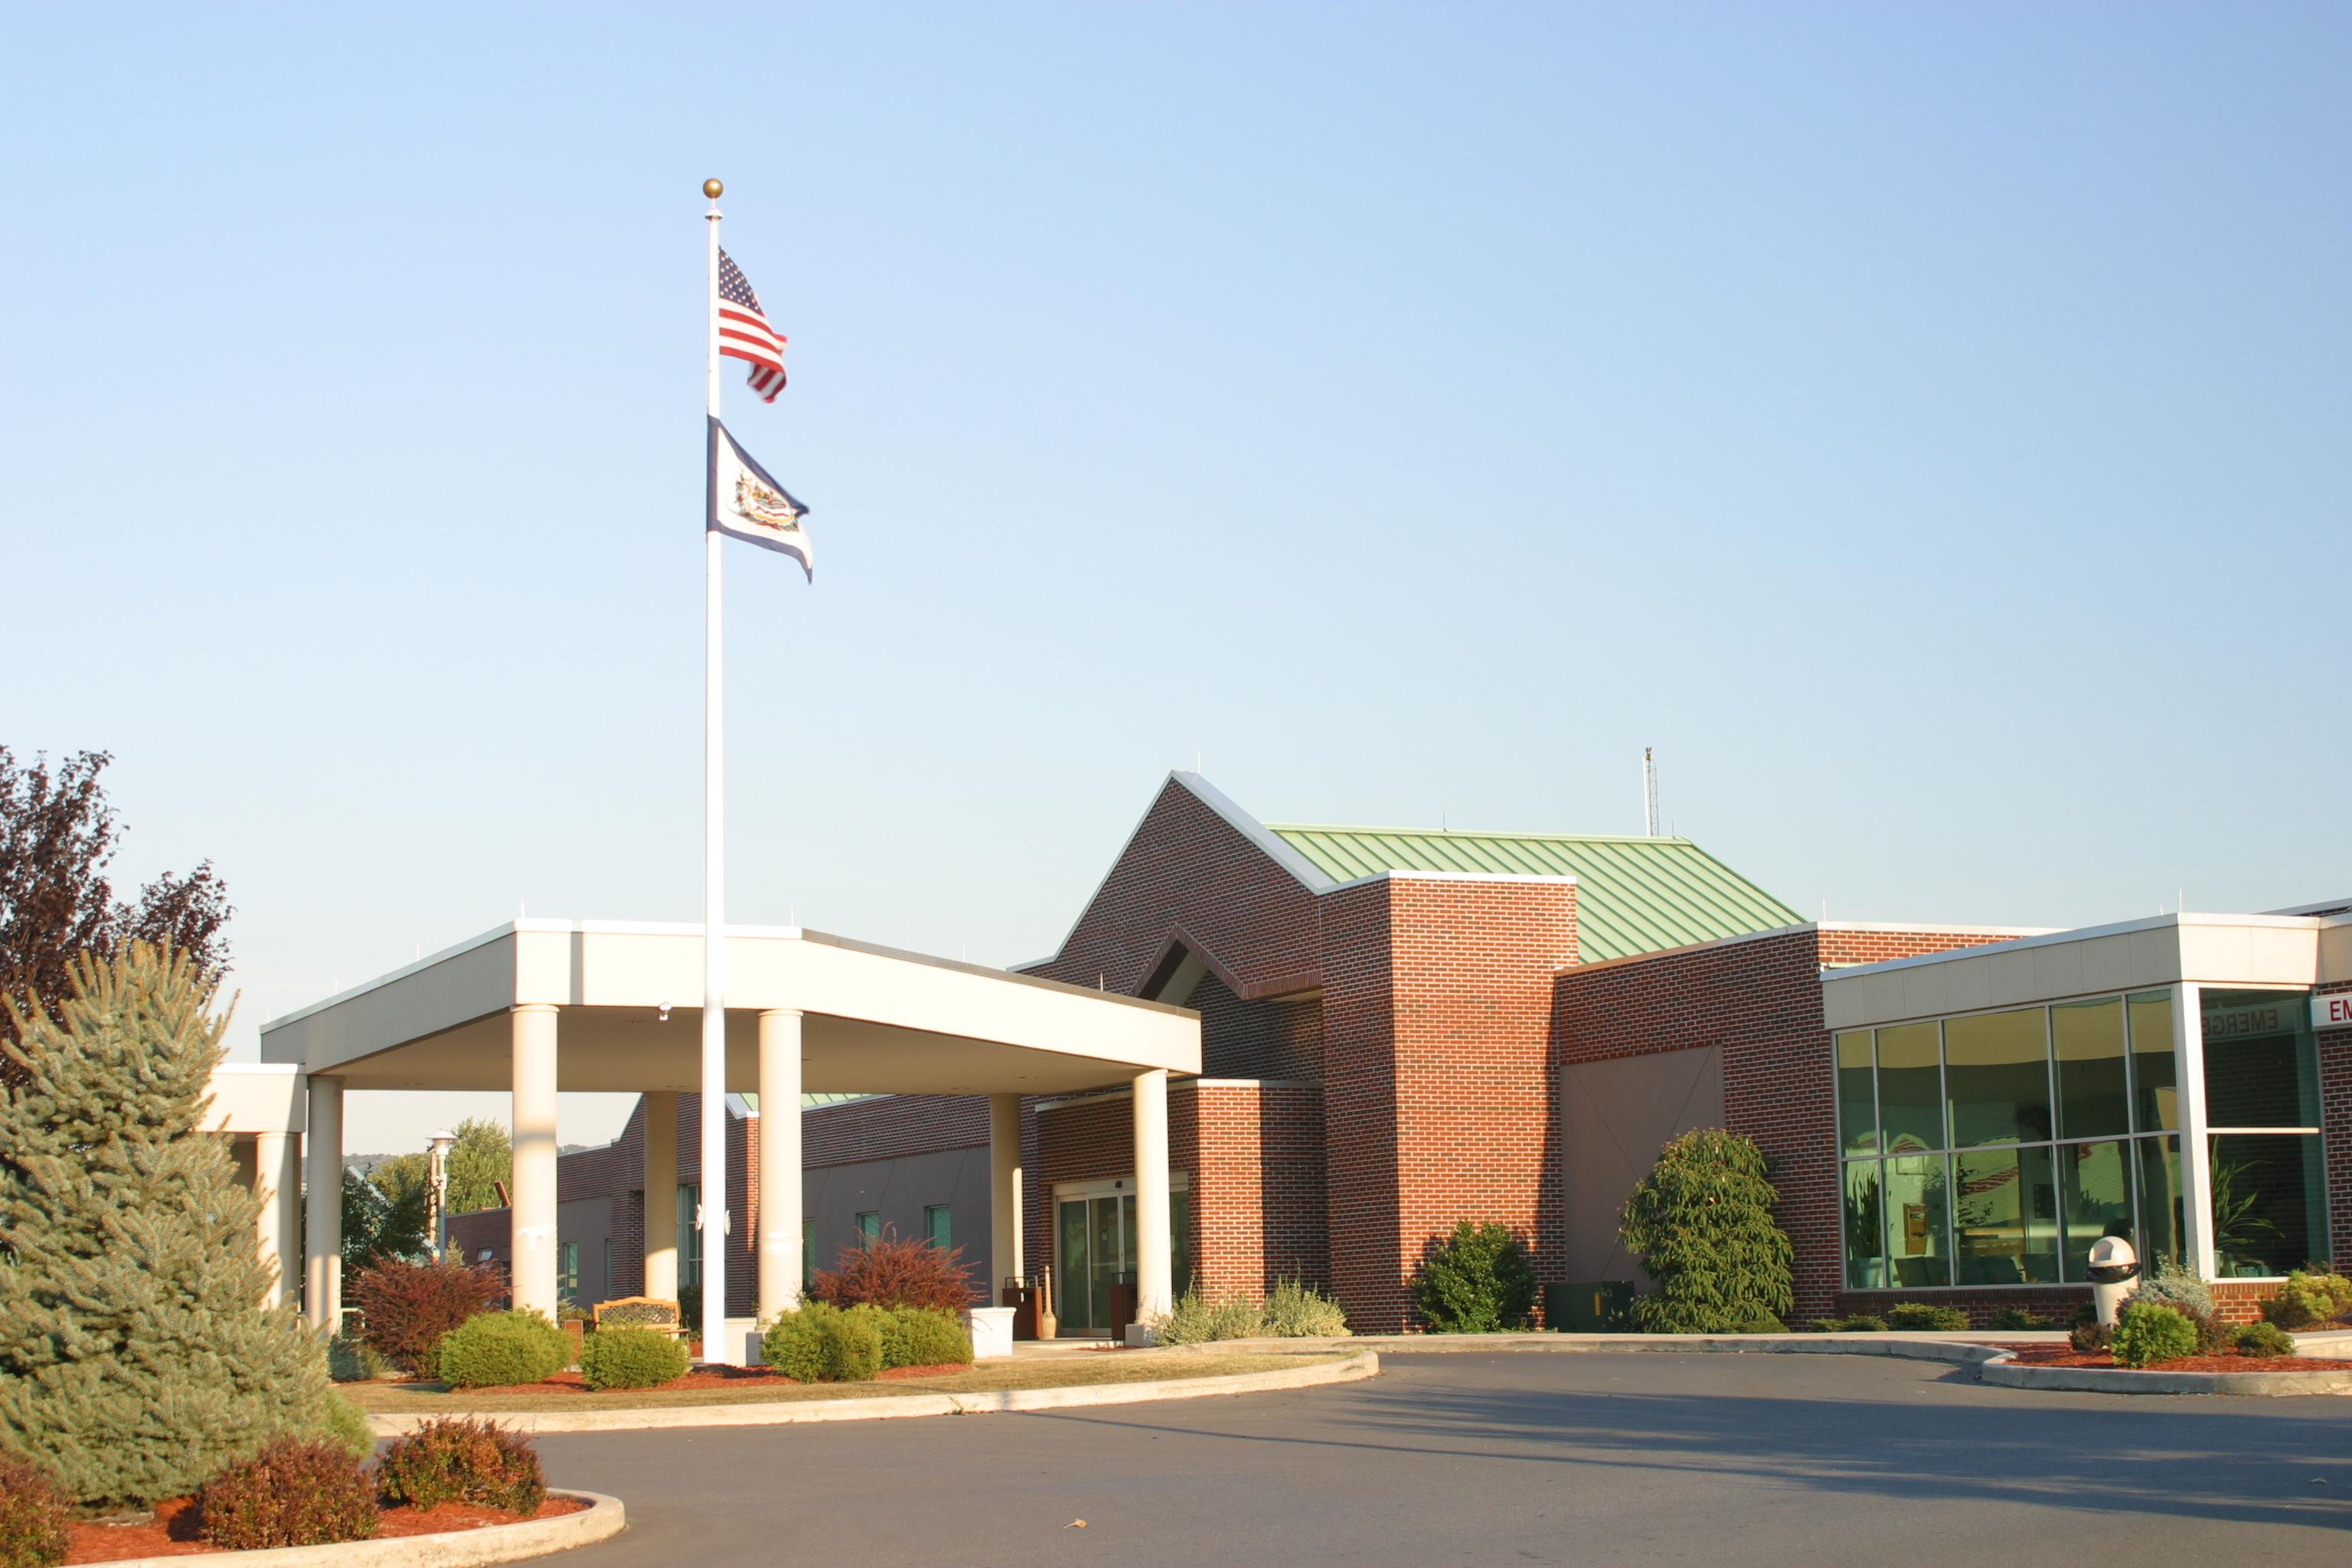 Grant Memorial Hospital